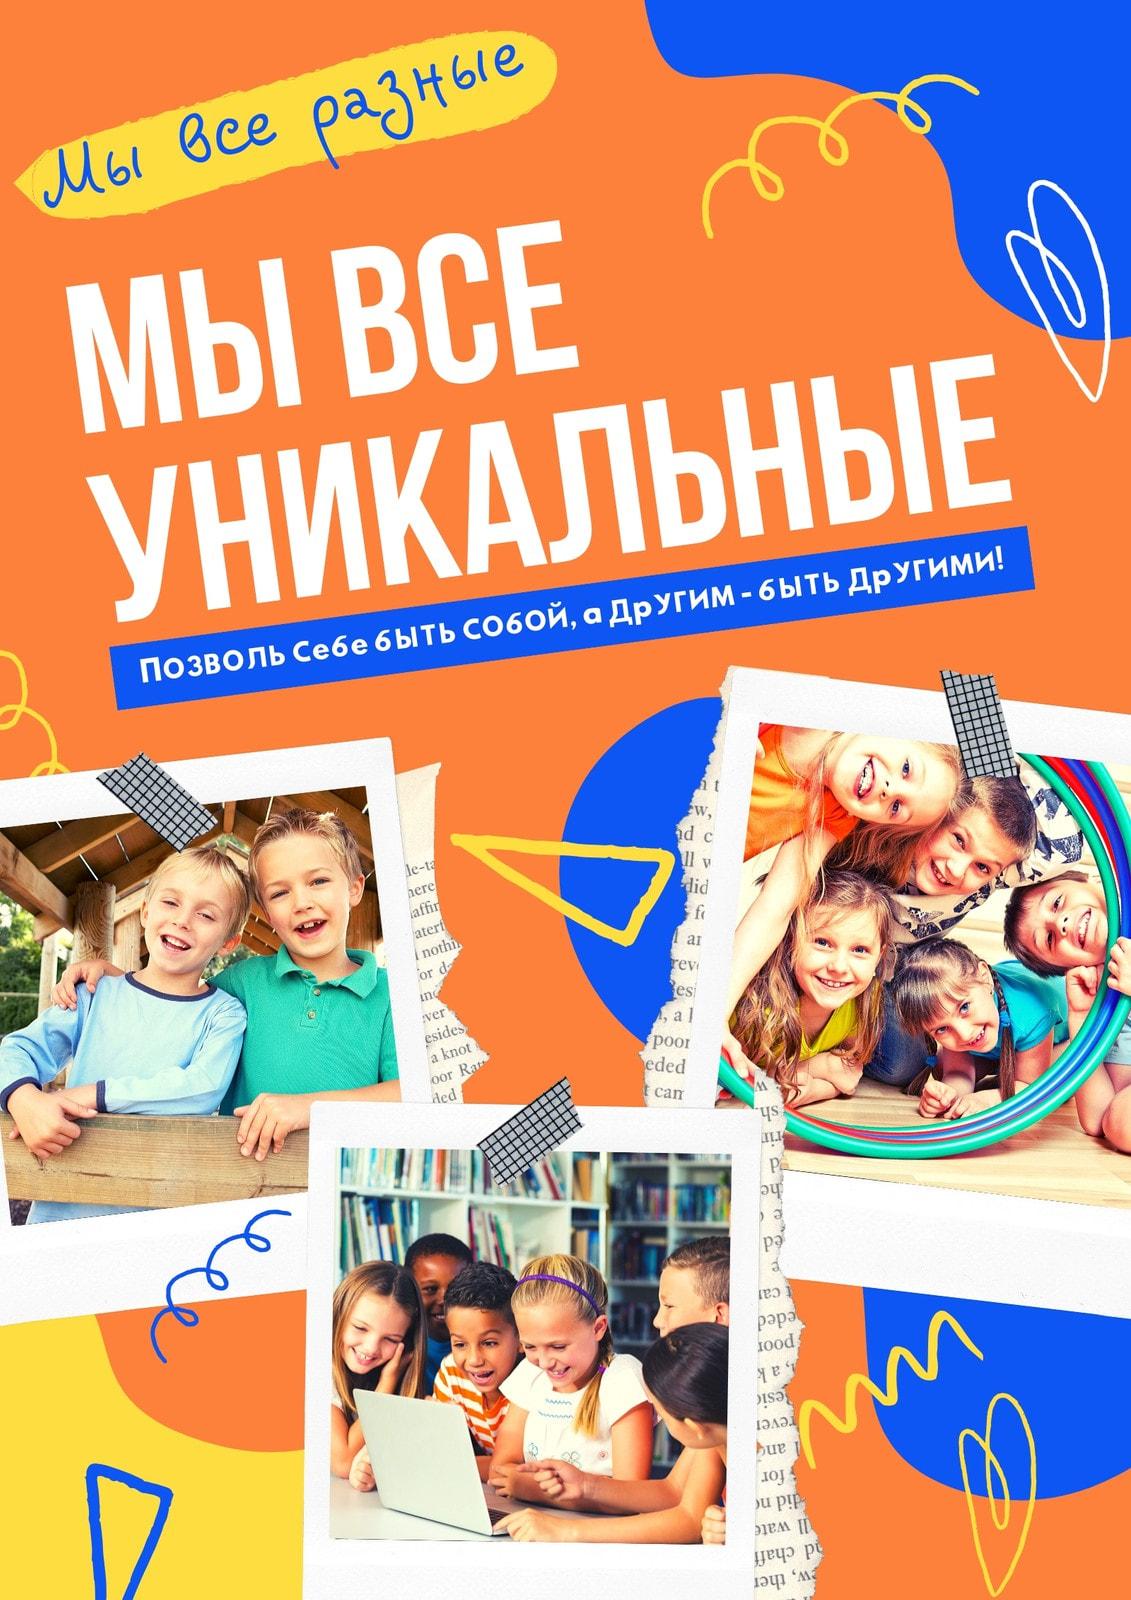 Цветной плакат с коллажем из фотографий детей